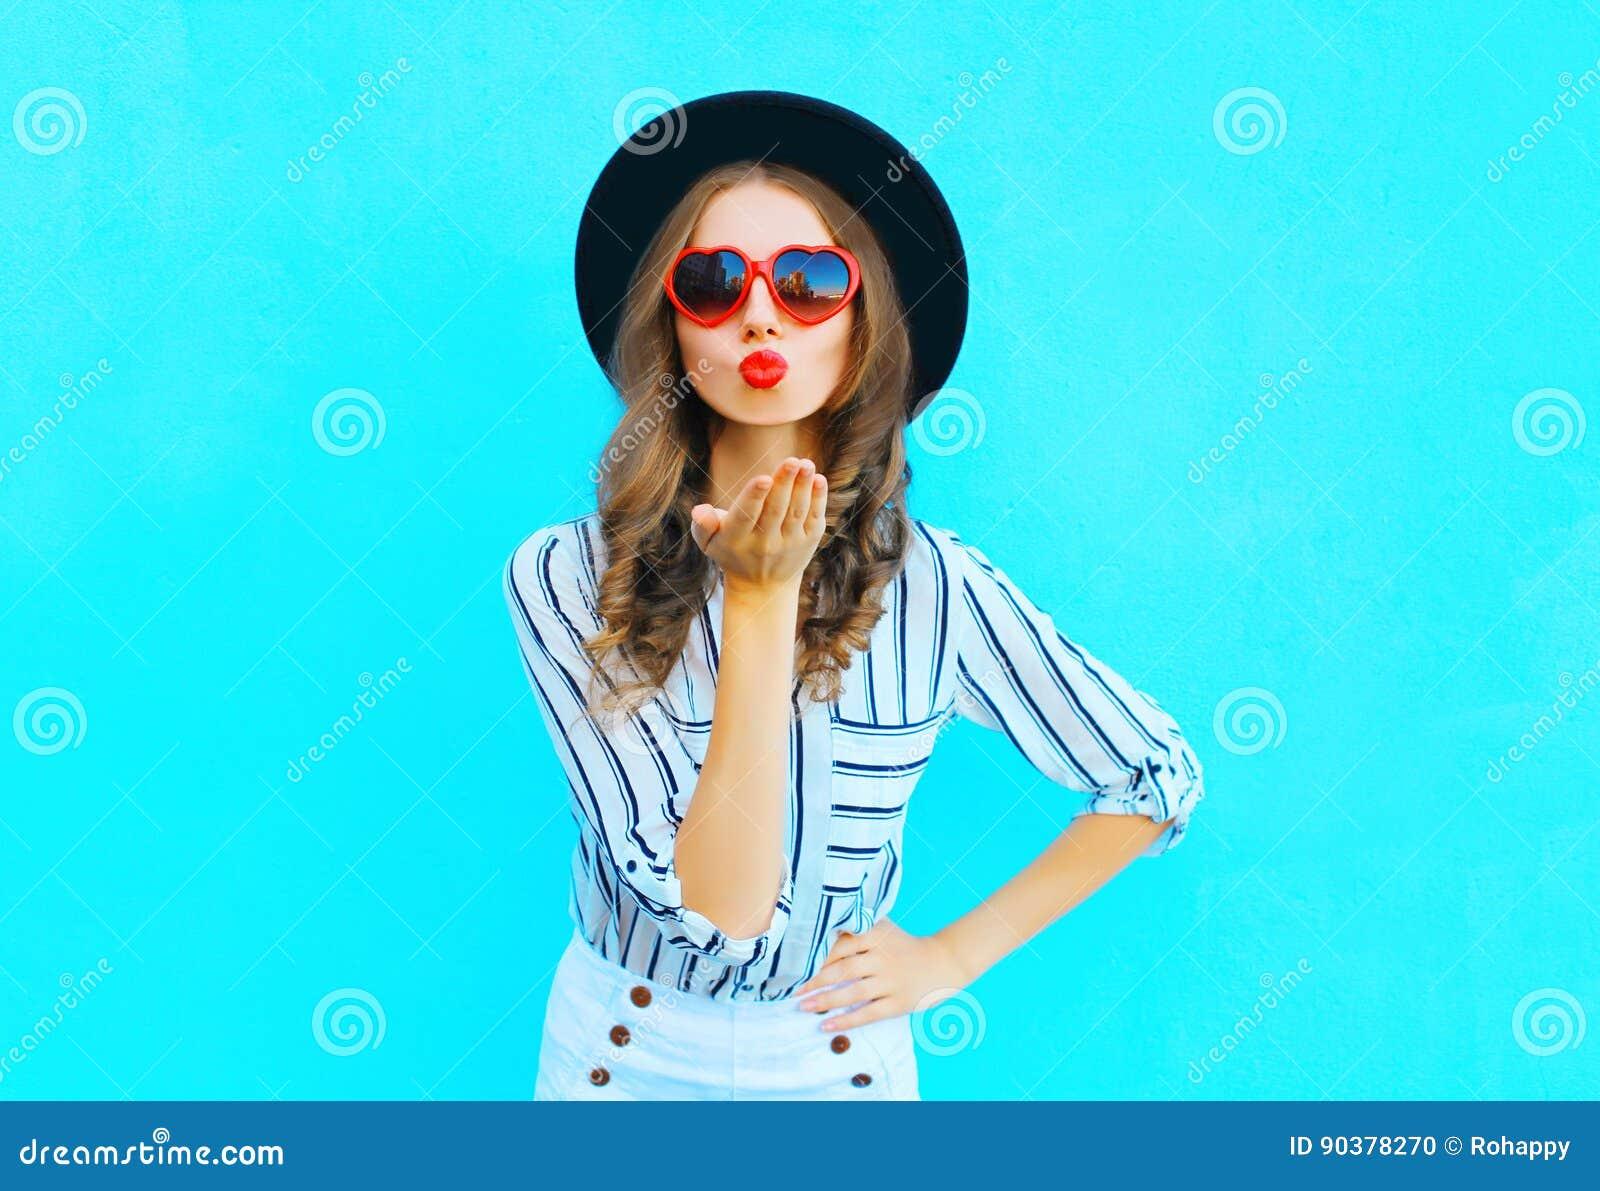 Moda portret wysyła lotniczego buziaka w okulary przeciwsłoneczni kształcie serce nad błękitem ładna kobieta z czerwonymi wargami